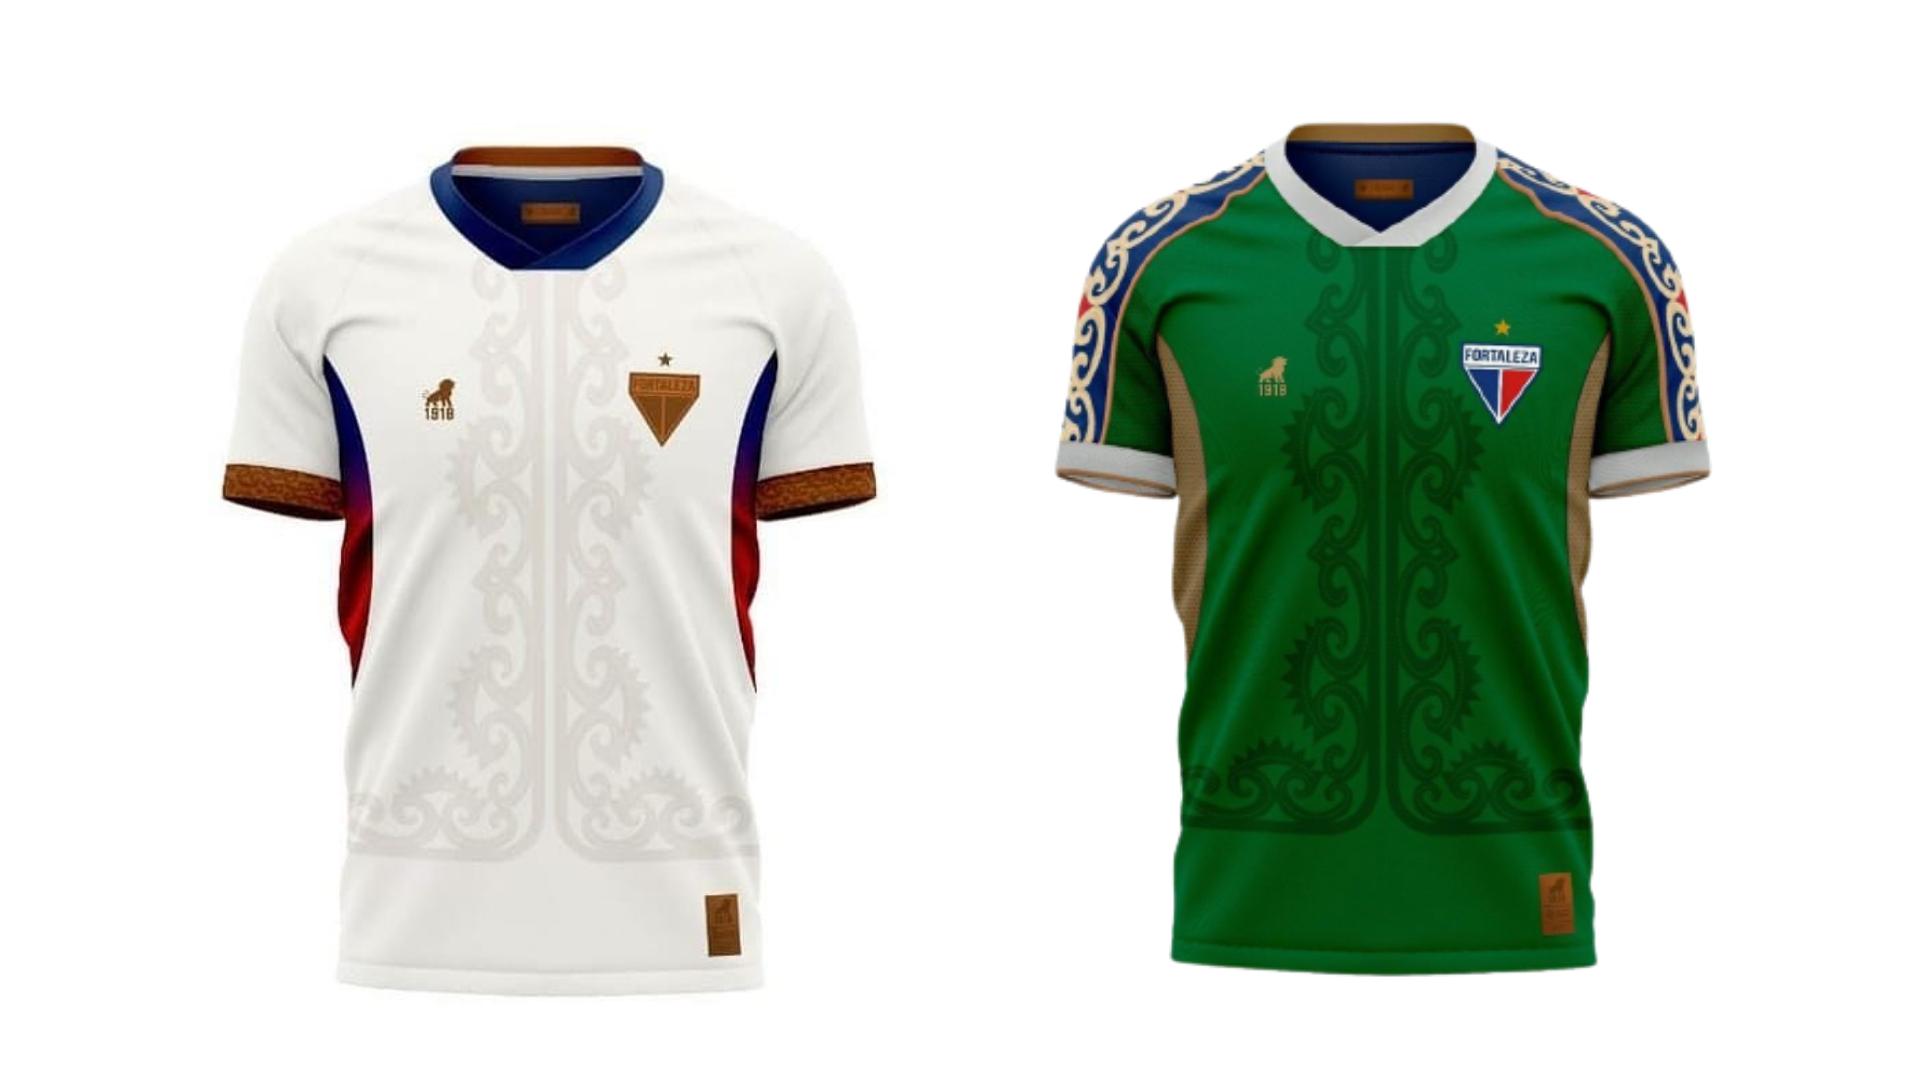 Camisa do Fortaleza 2021 Leão 1918 Luar e Sertão (Imagem: Divulgação/Leão 1918)